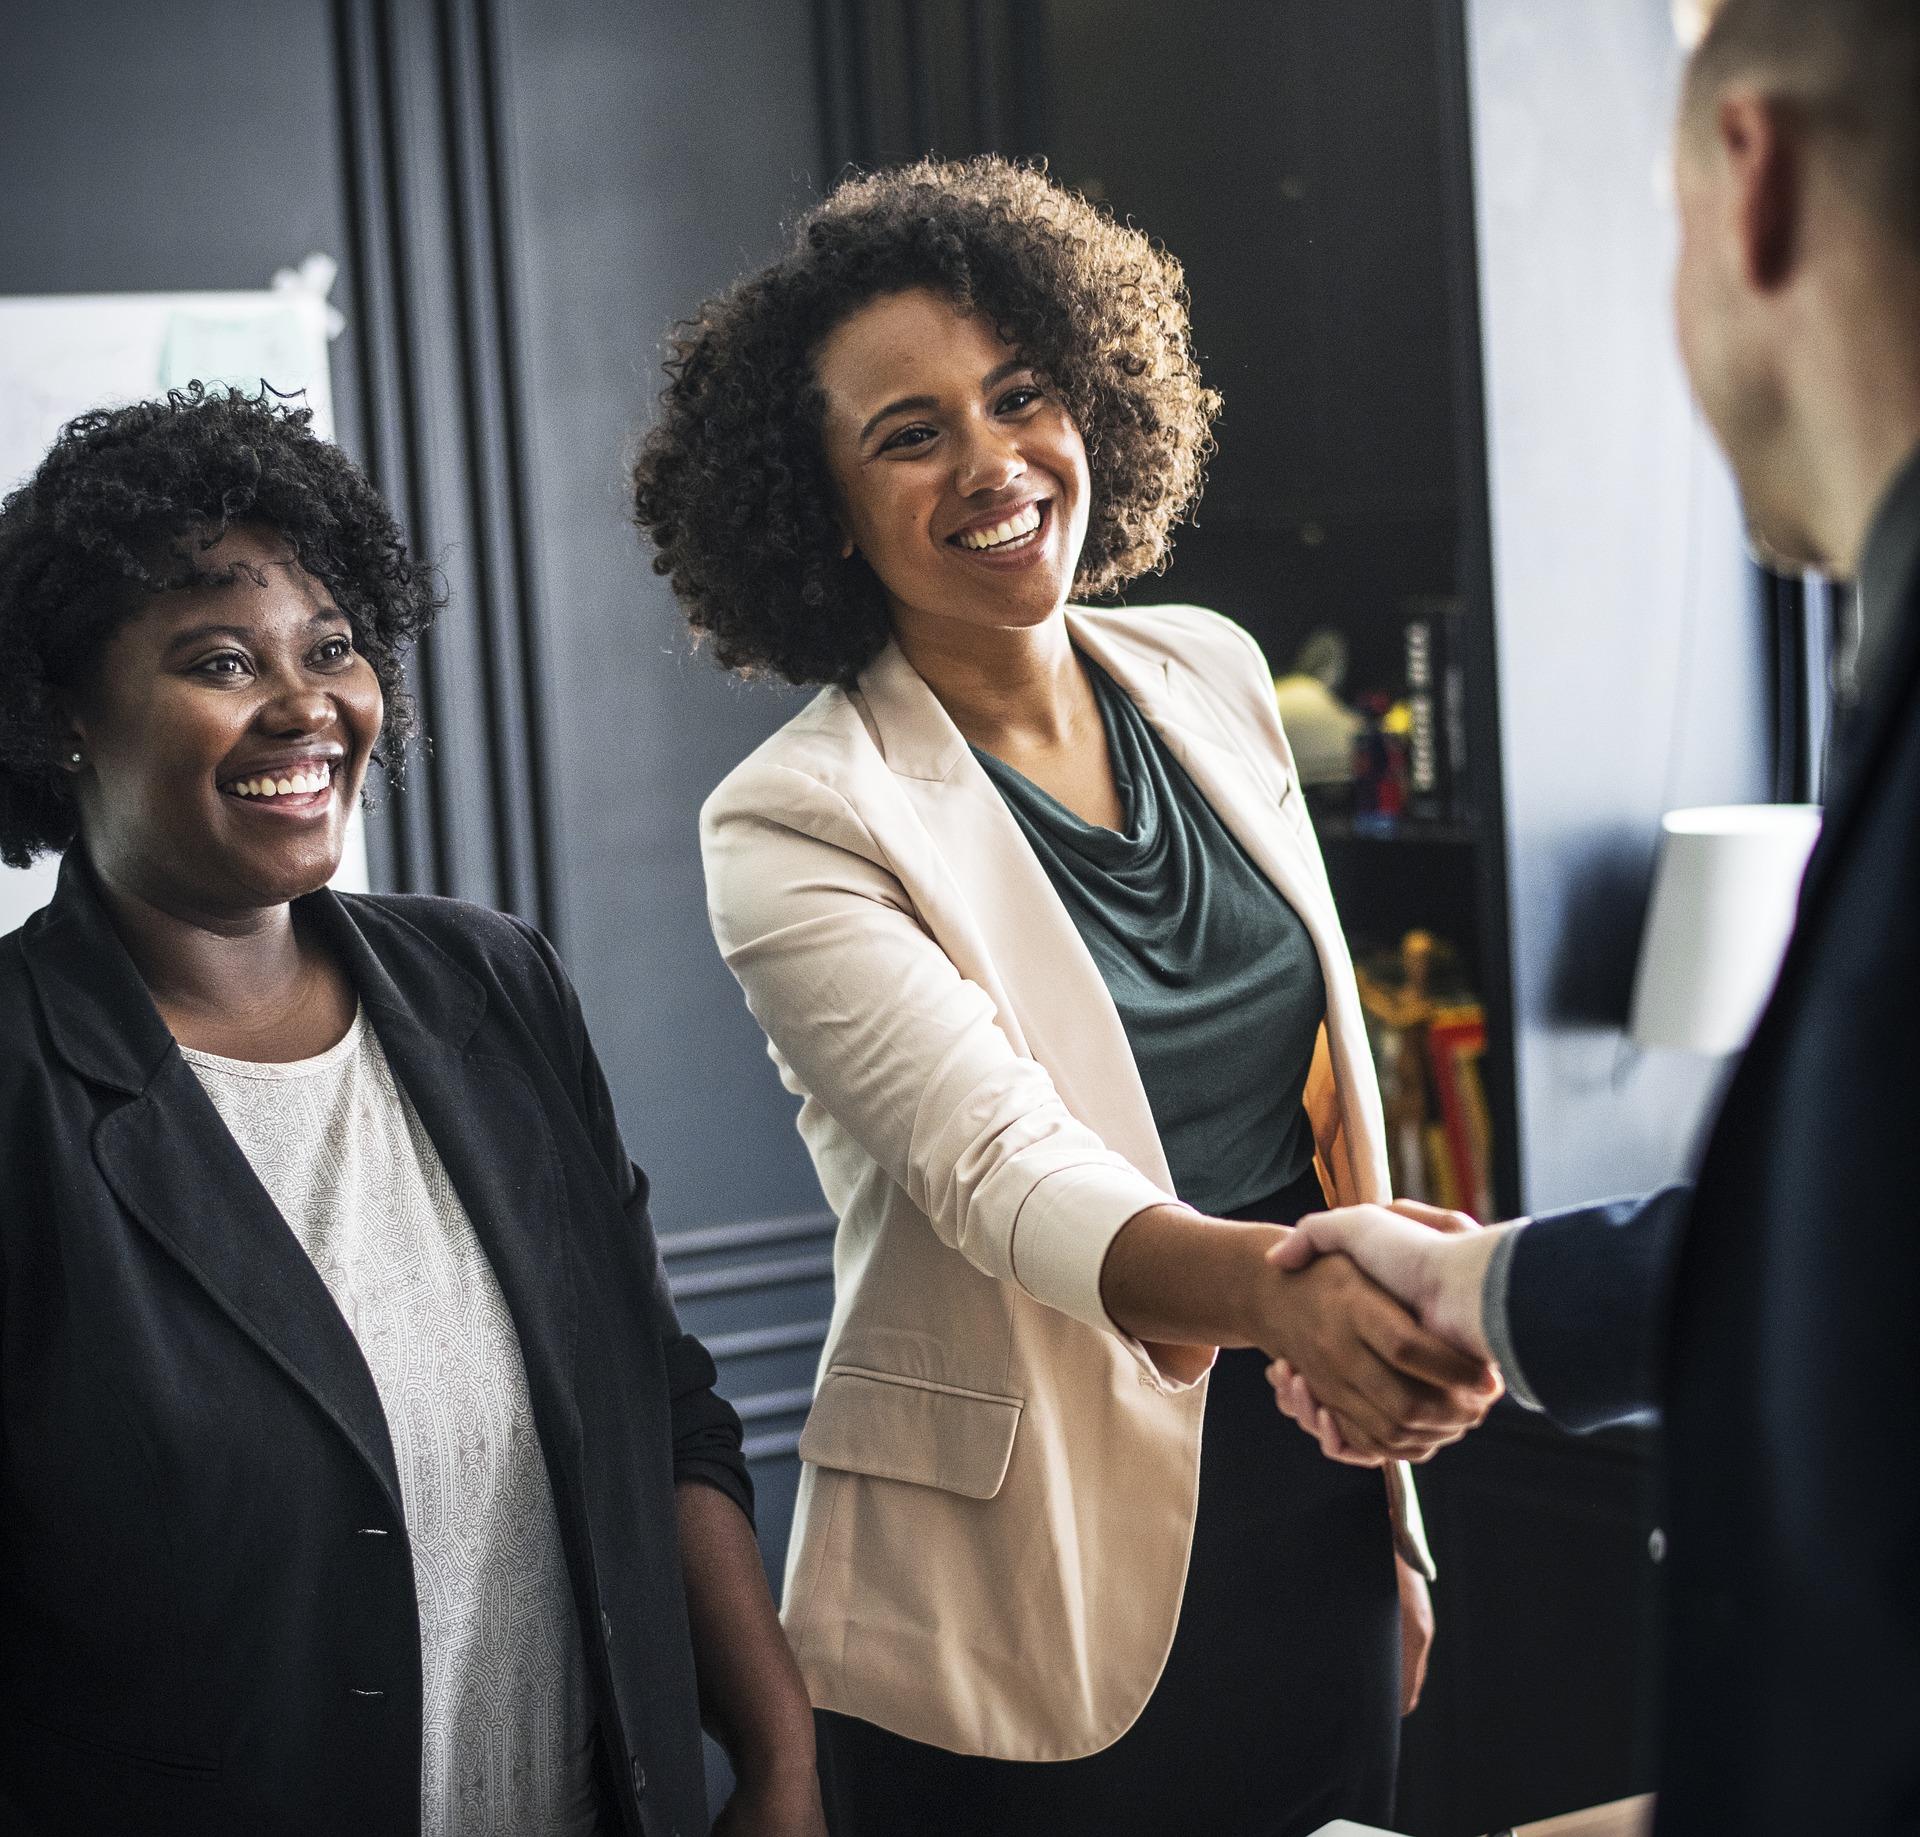 Endlich Verstärkung fürs Team: Ob Minijobber, Teilzeitkraft oder Werkstudent – hier erfahrt ihr, wie ihr euren ersten Mitarbeiter einstellt.